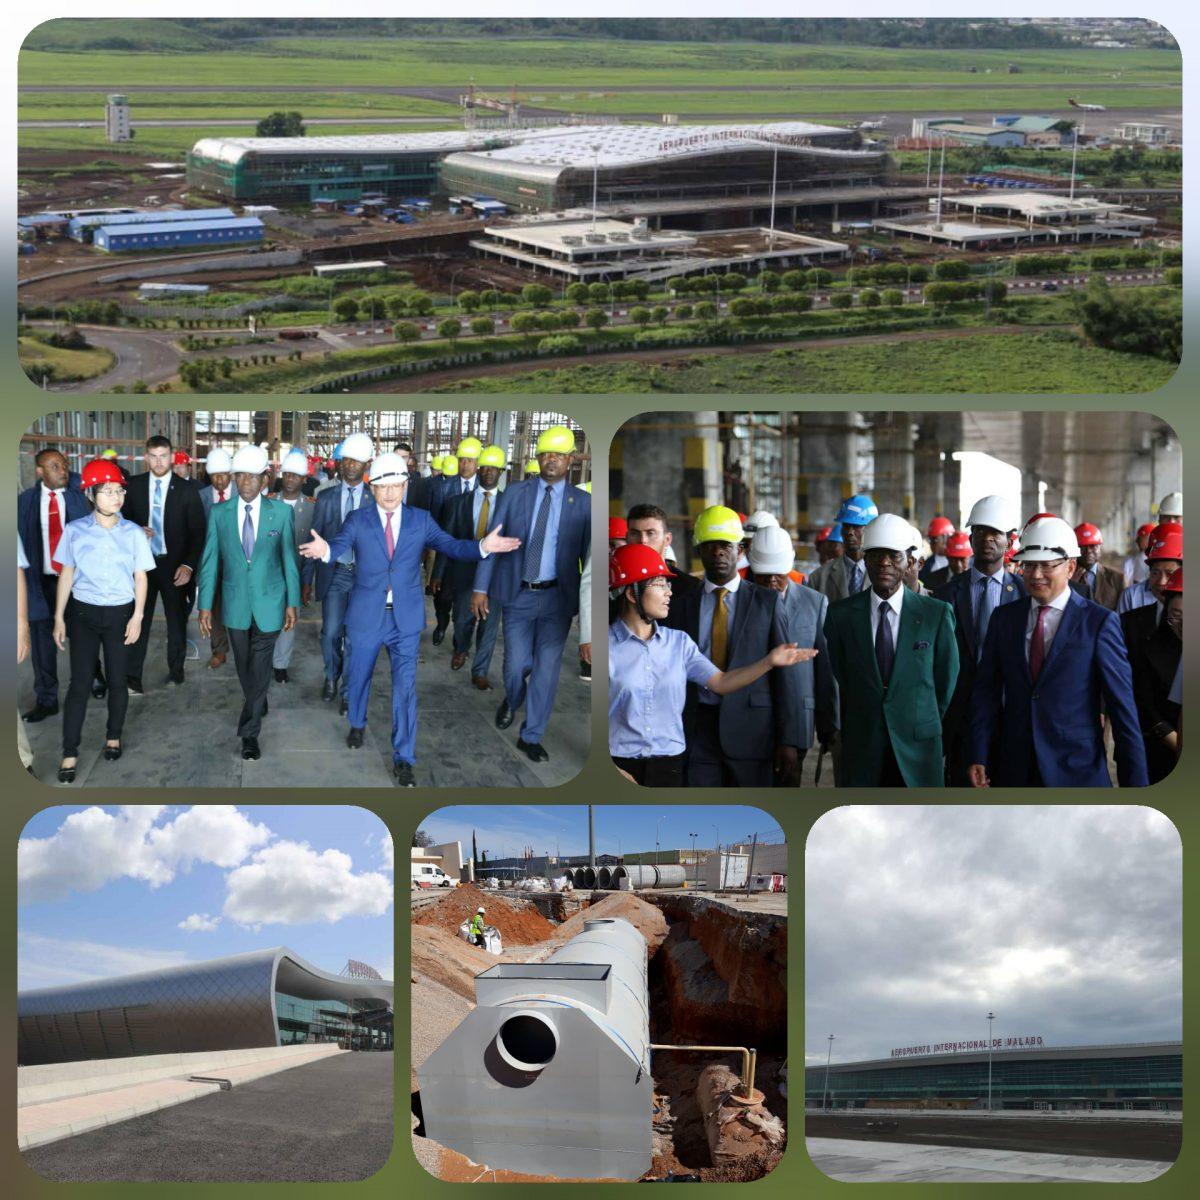 Ampliando Referencias Internaciones Separadores de Hidrocarburos – Nuevo Aeropuerto Internacional de Malabo (Guinea Ecuatorial)